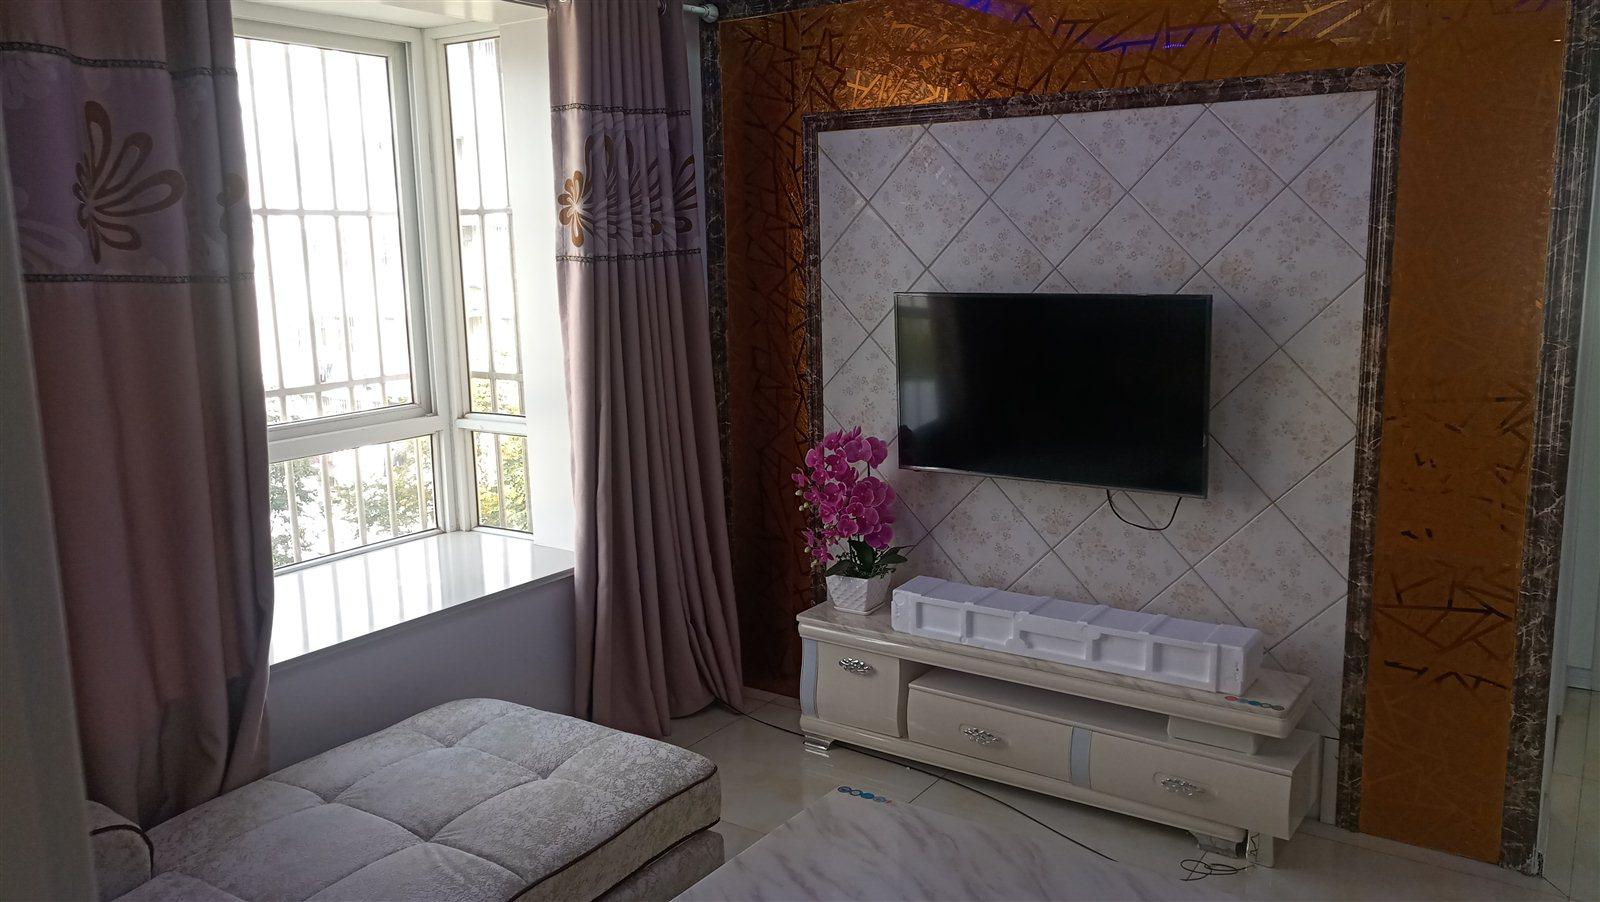 韩侯花园3室 2厅 1卫83.5万元